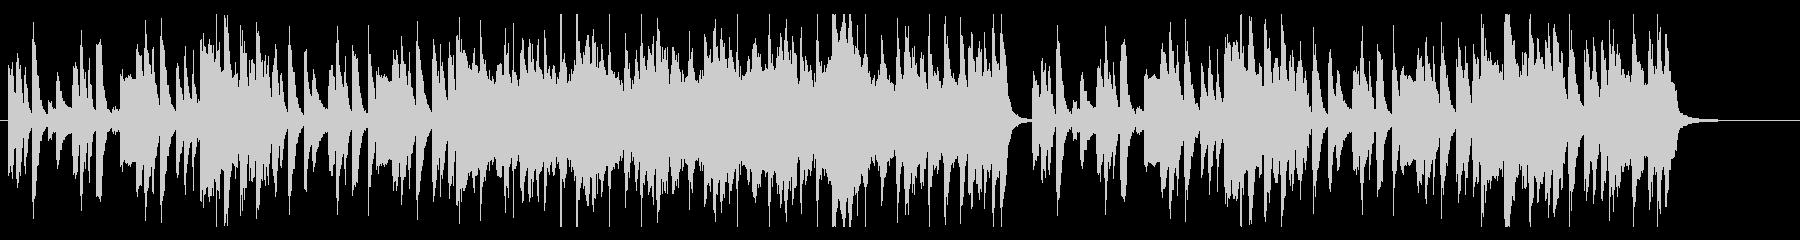 日常のほのぼのとした雰囲気のBGMの未再生の波形